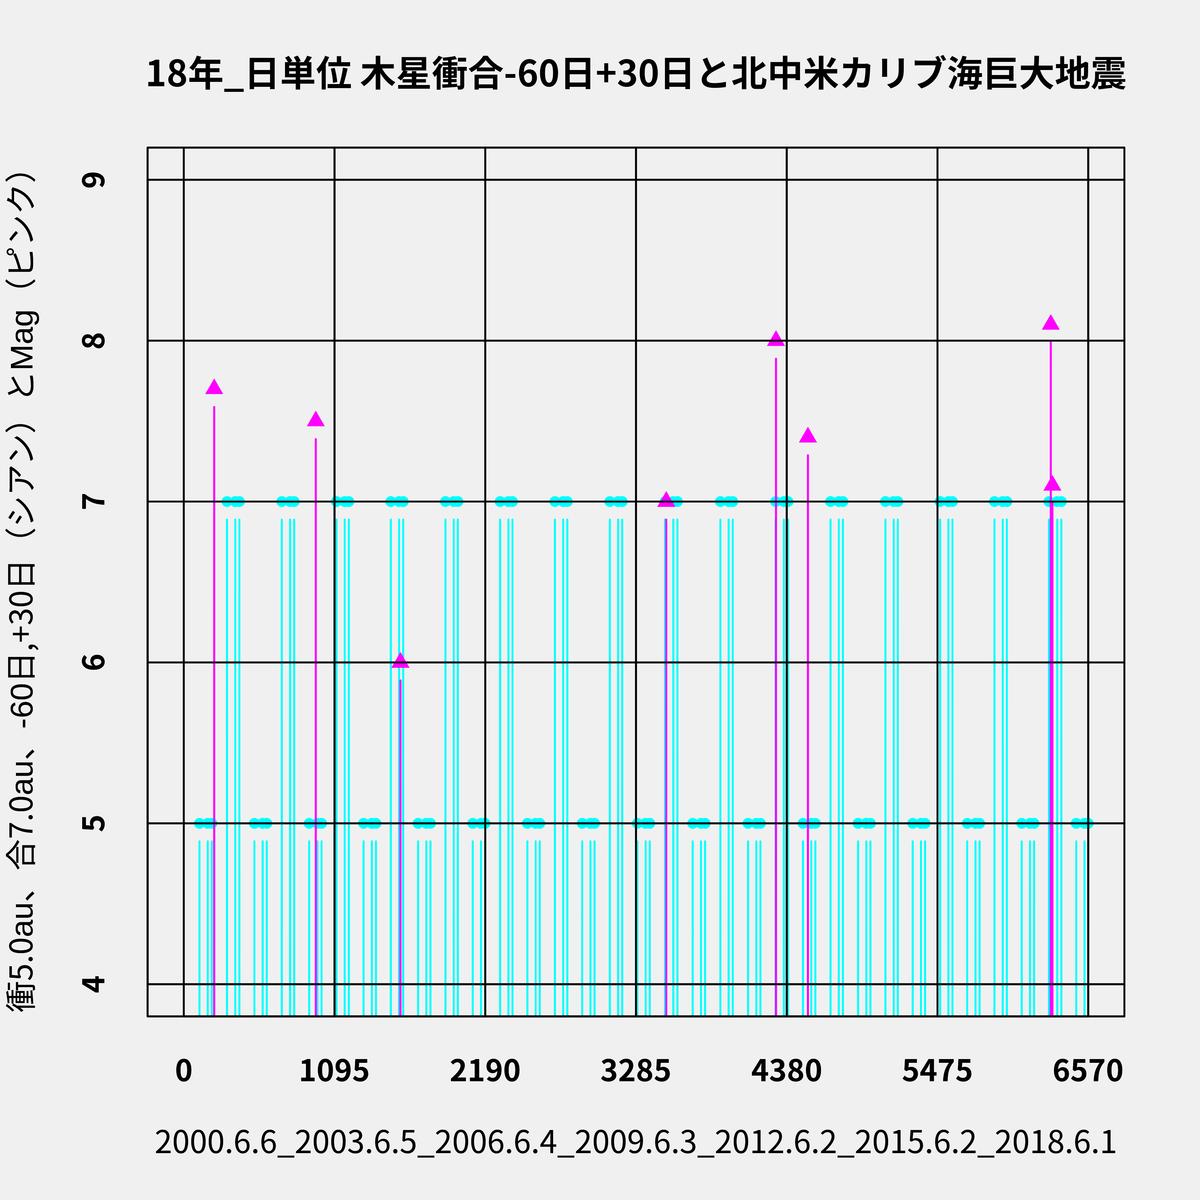 f:id:yoshihide-sugiura:20200127115604p:plain